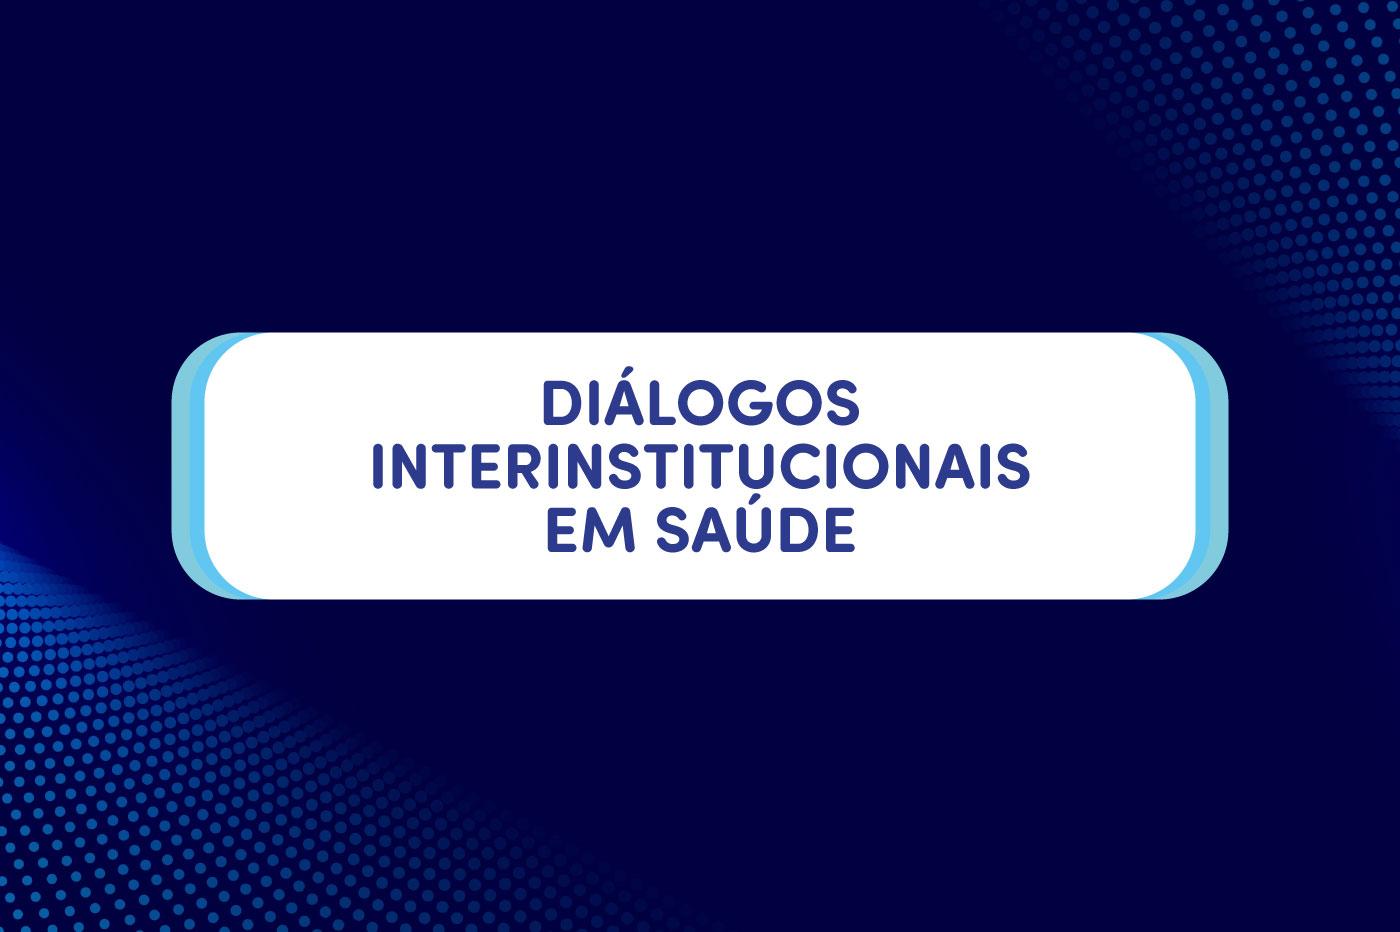 banner noticia dialogos interinstitucionais saude